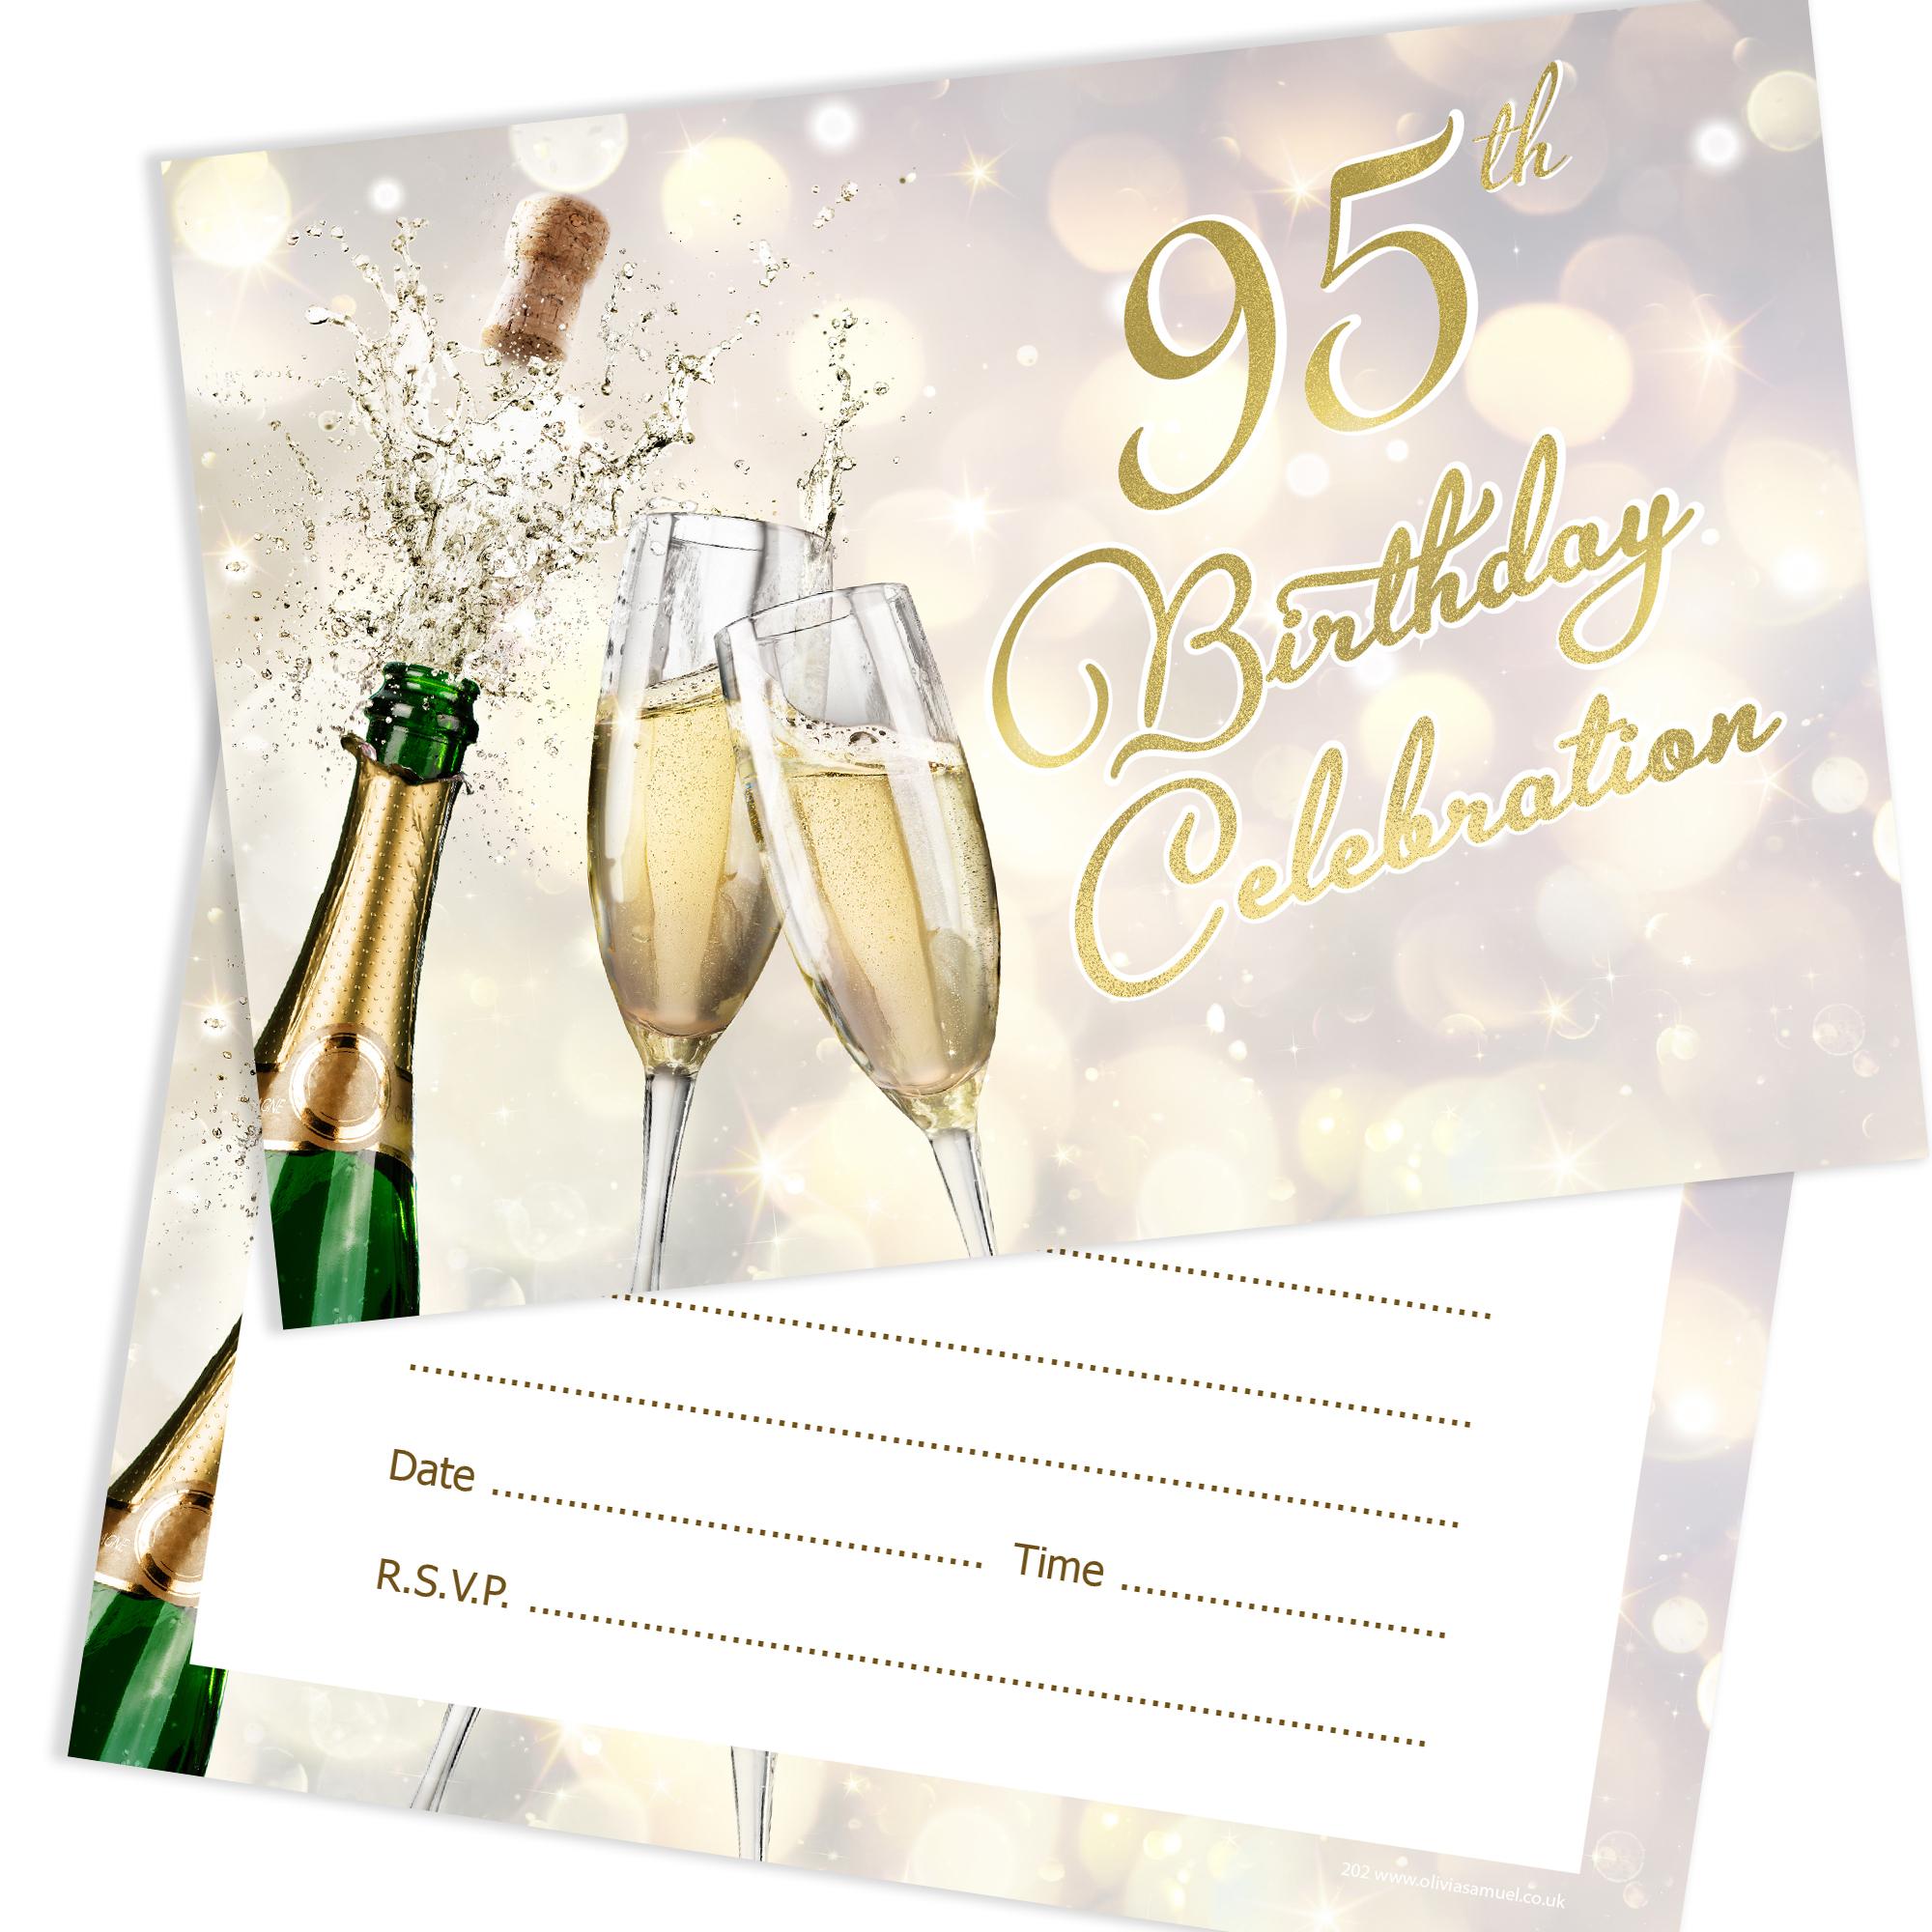 Birthday Celebration Chicago Style: 95th Birthday Celebration Invites